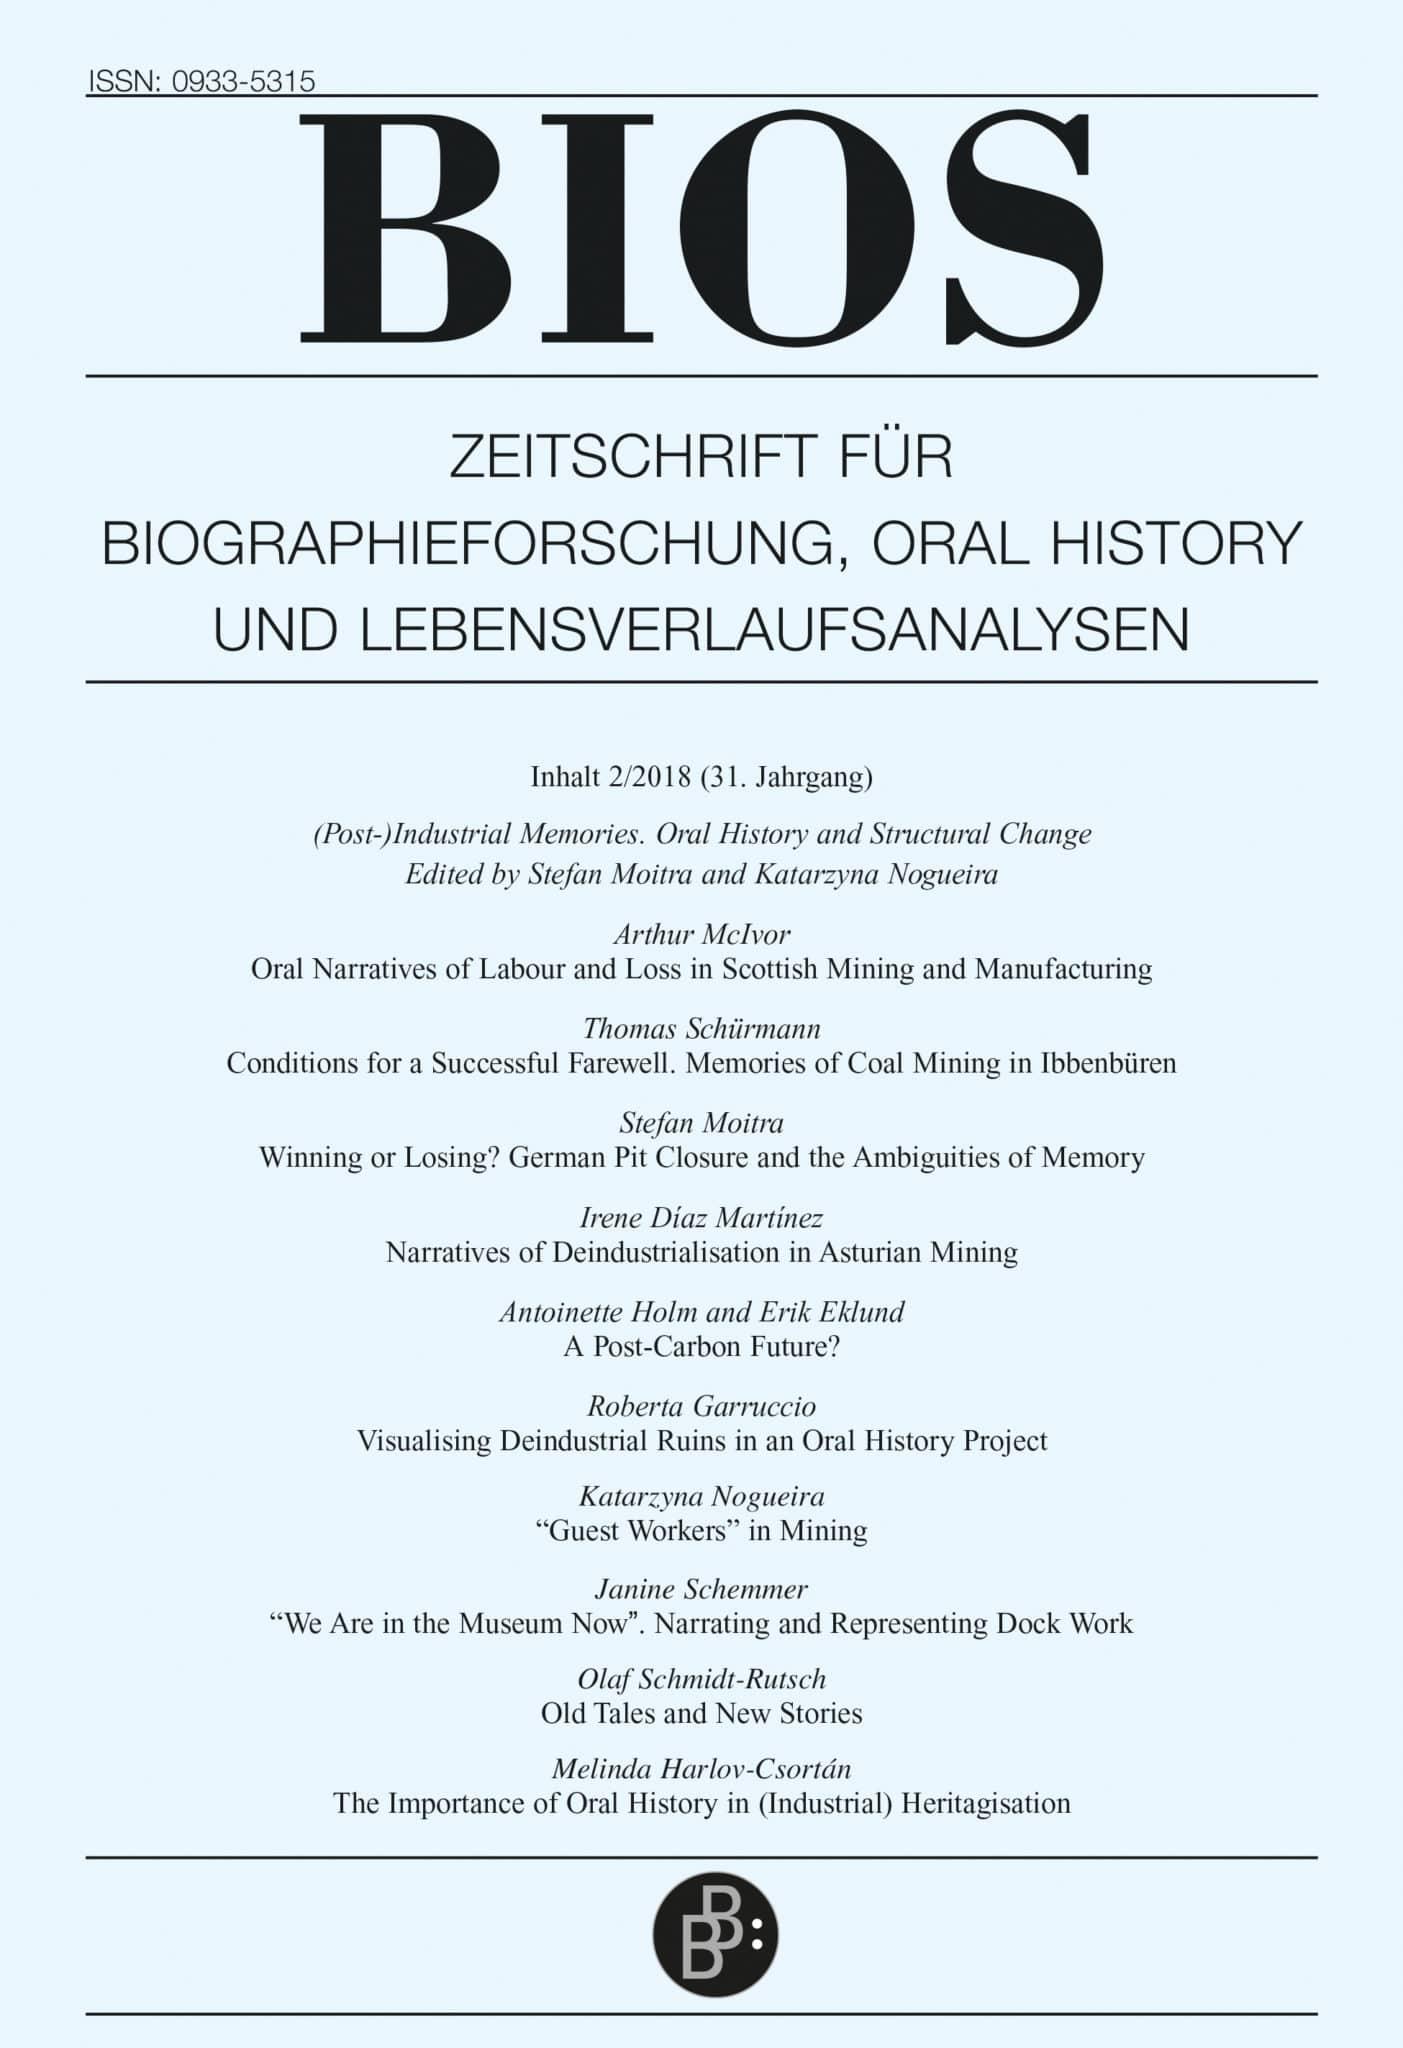 BIOS – Zeitschrift für Biographieforschung, Oral History und Lebensverlaufsanalysen